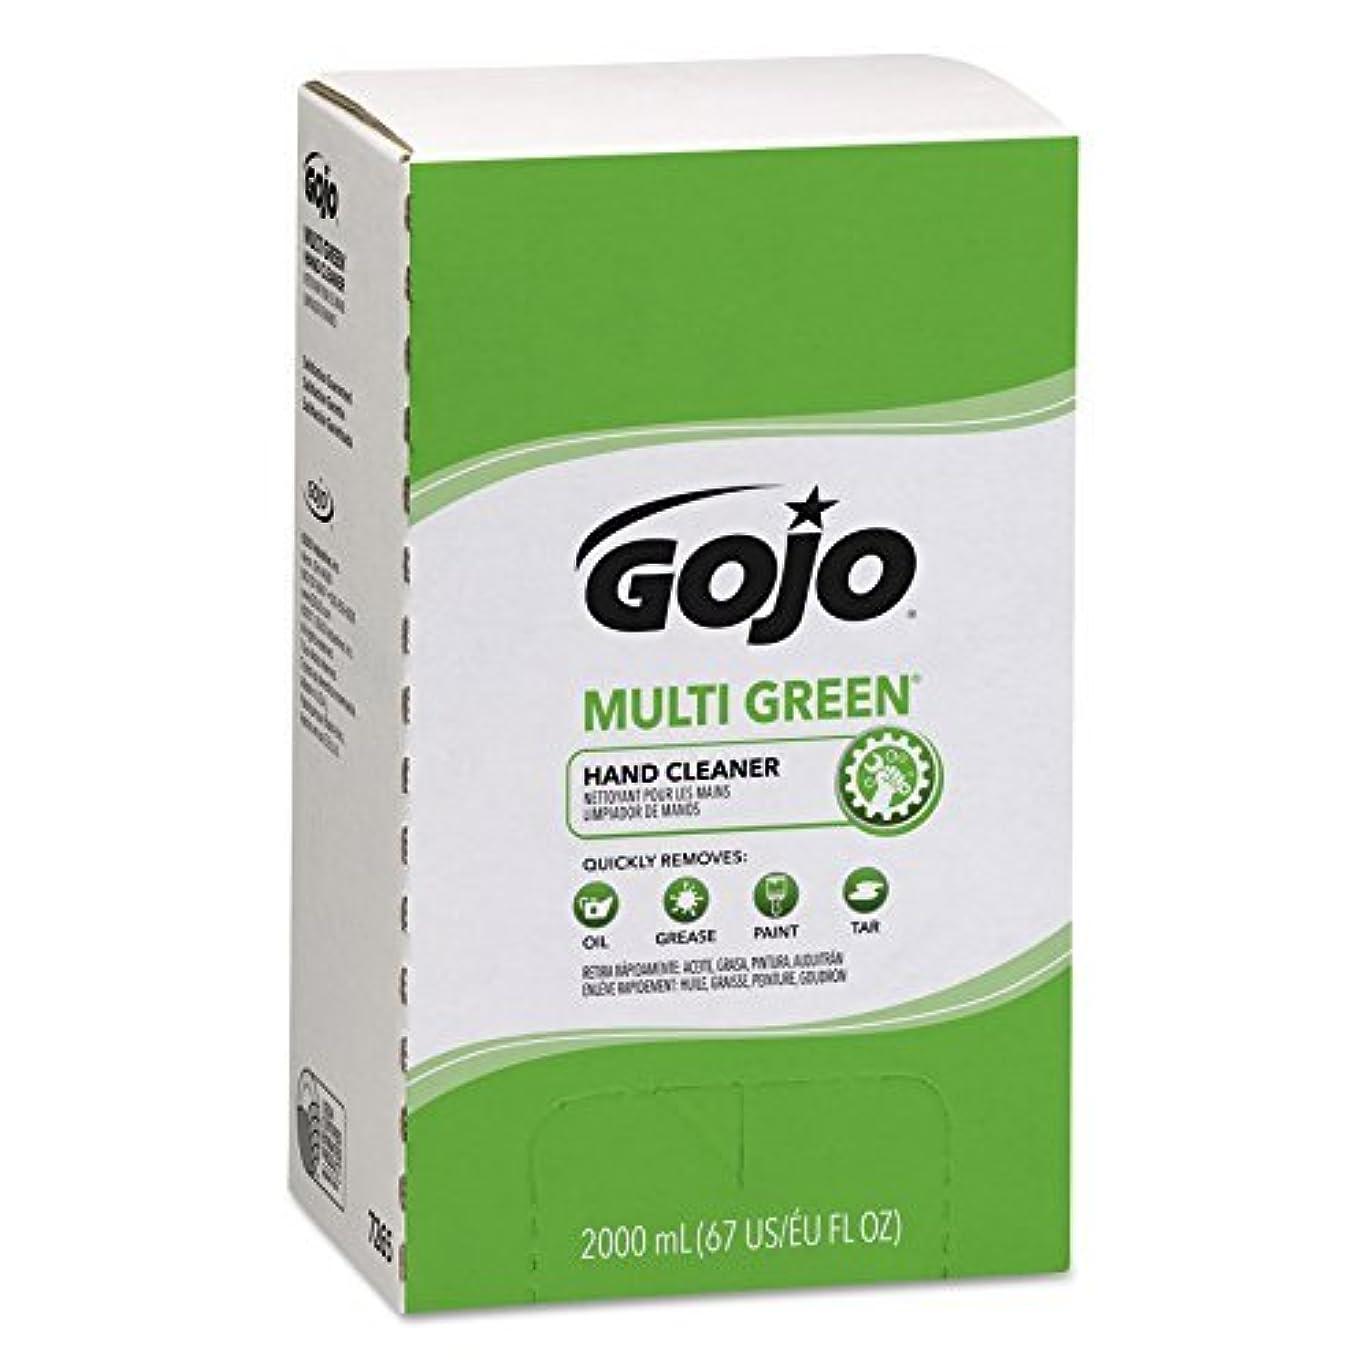 ローズ節約良さGOJO MULTI GREEN Hand Cleaner Gel,Natural Citrus Solvent,2000 mL BioPreferred Certified Hand Cleaner Refill for...